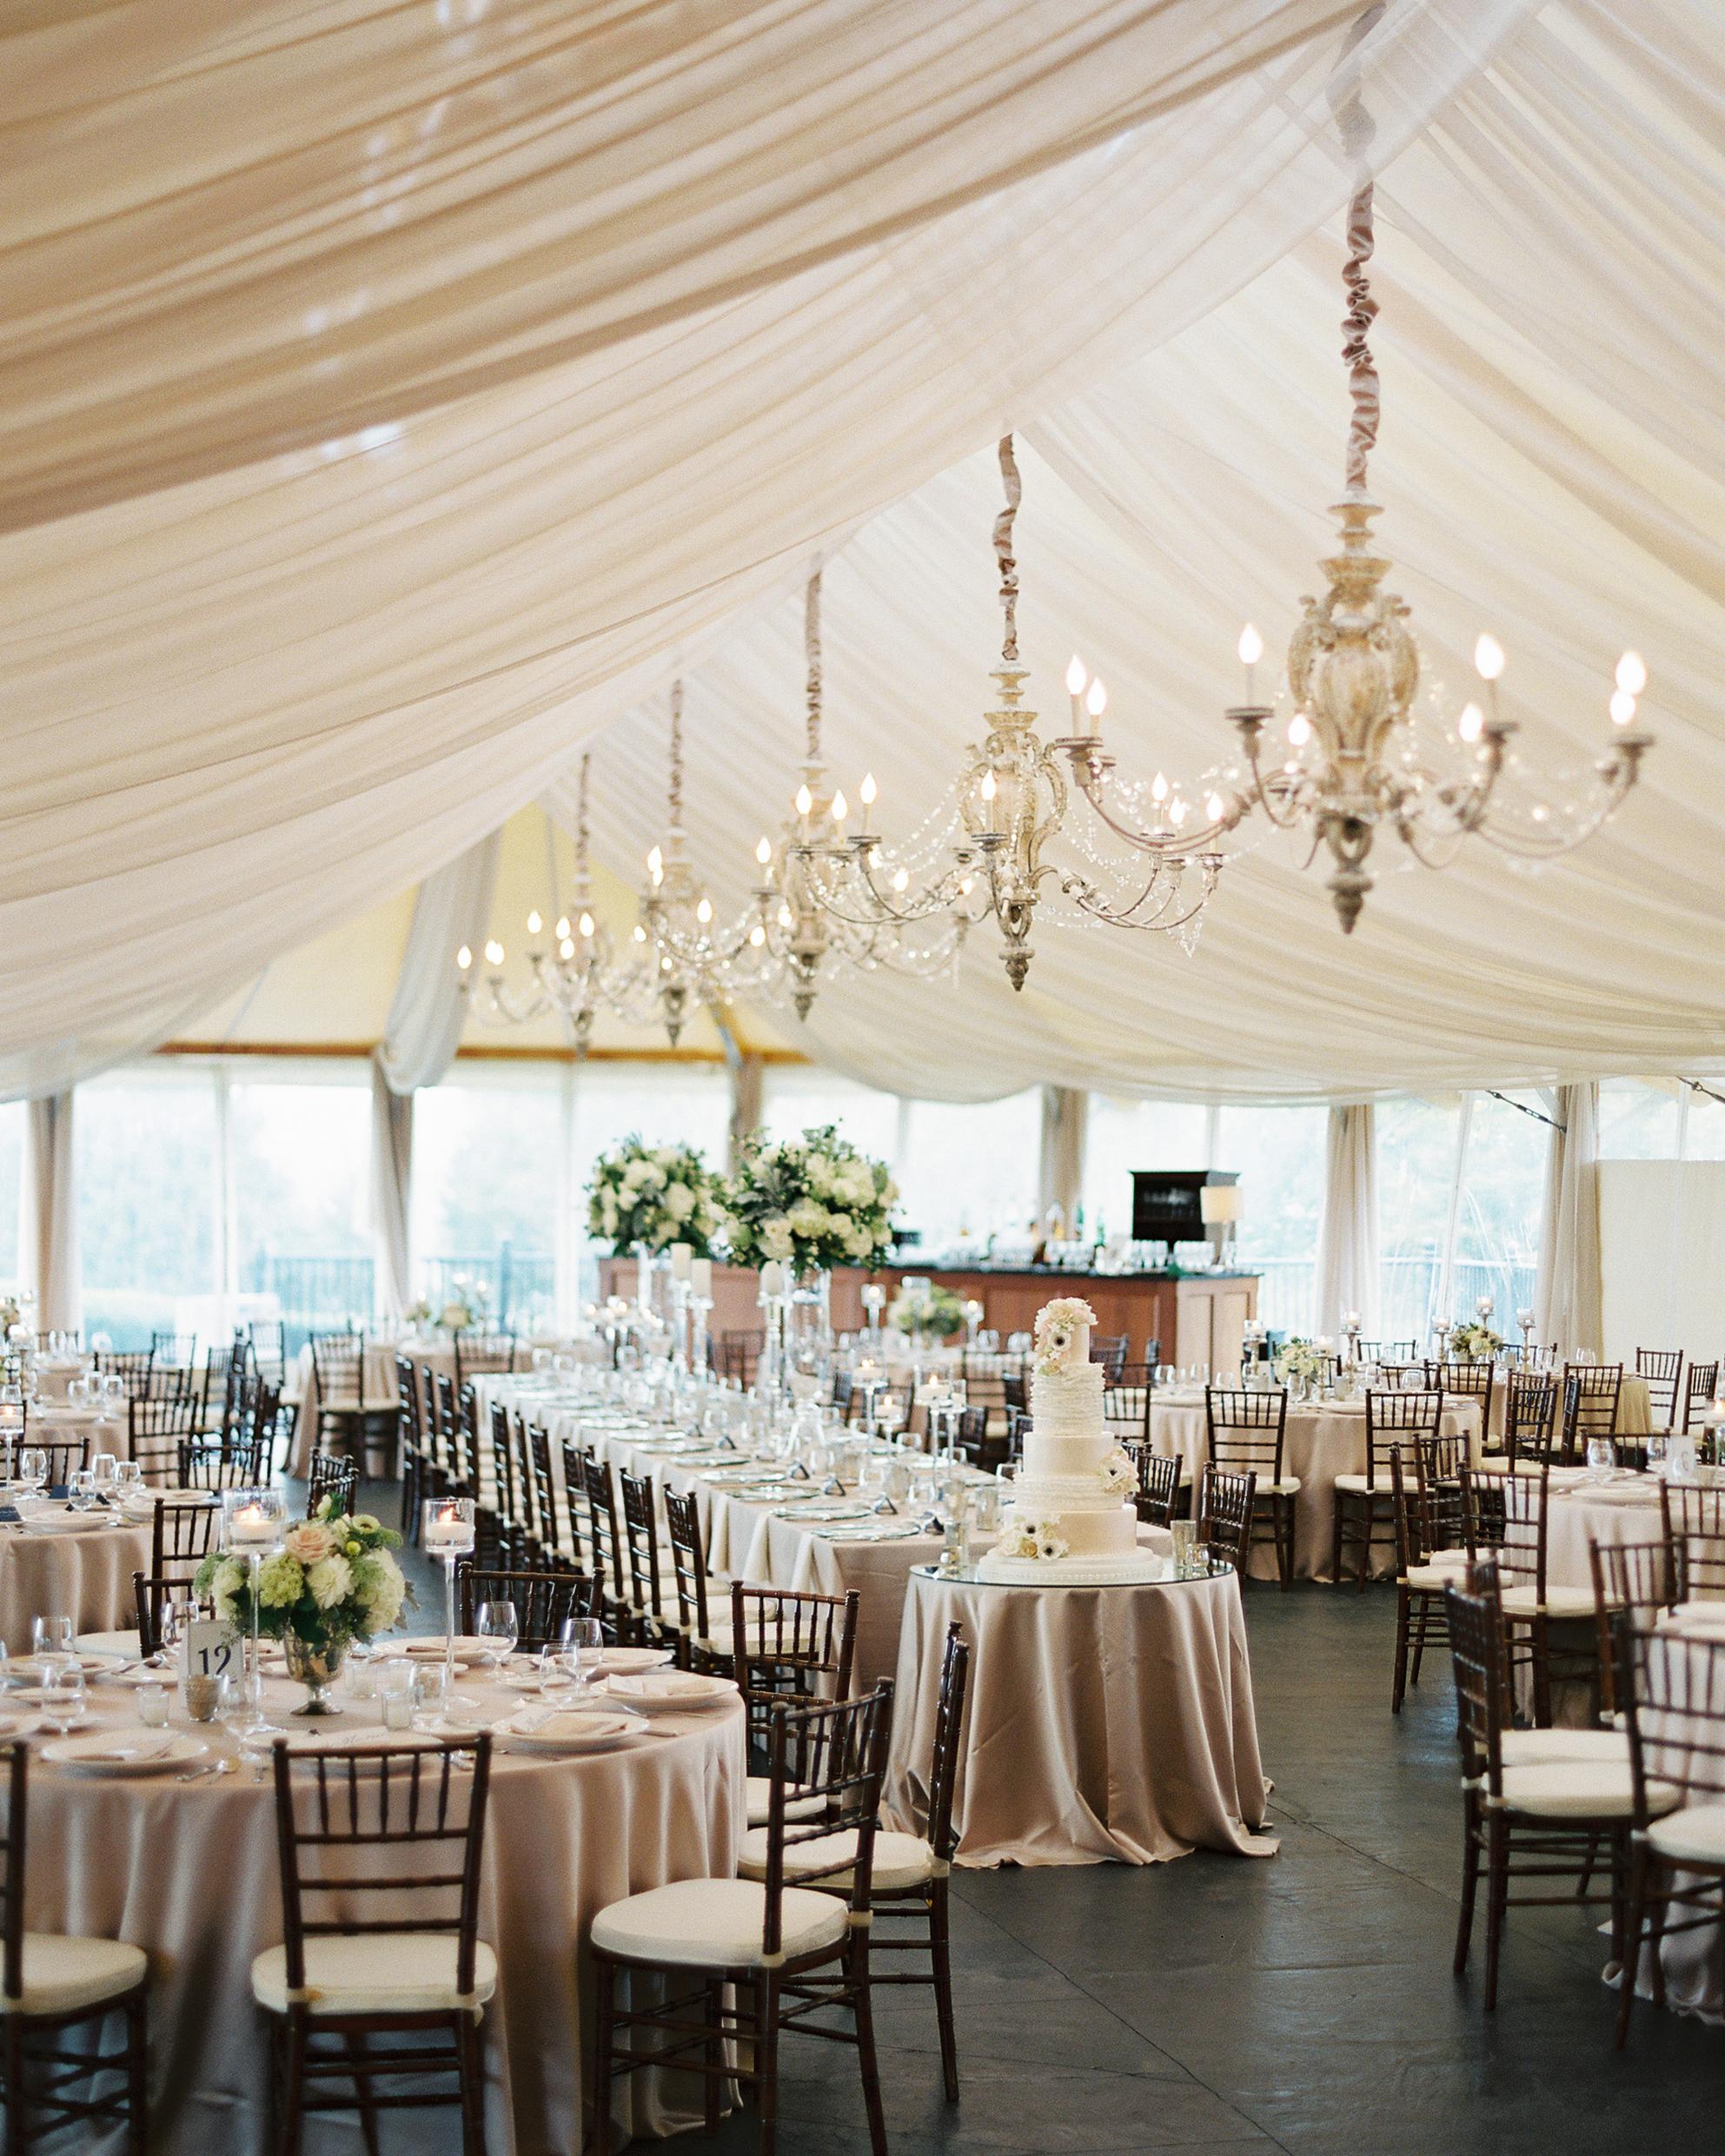 lauren-david-wedding-dining-room-0414.jpg